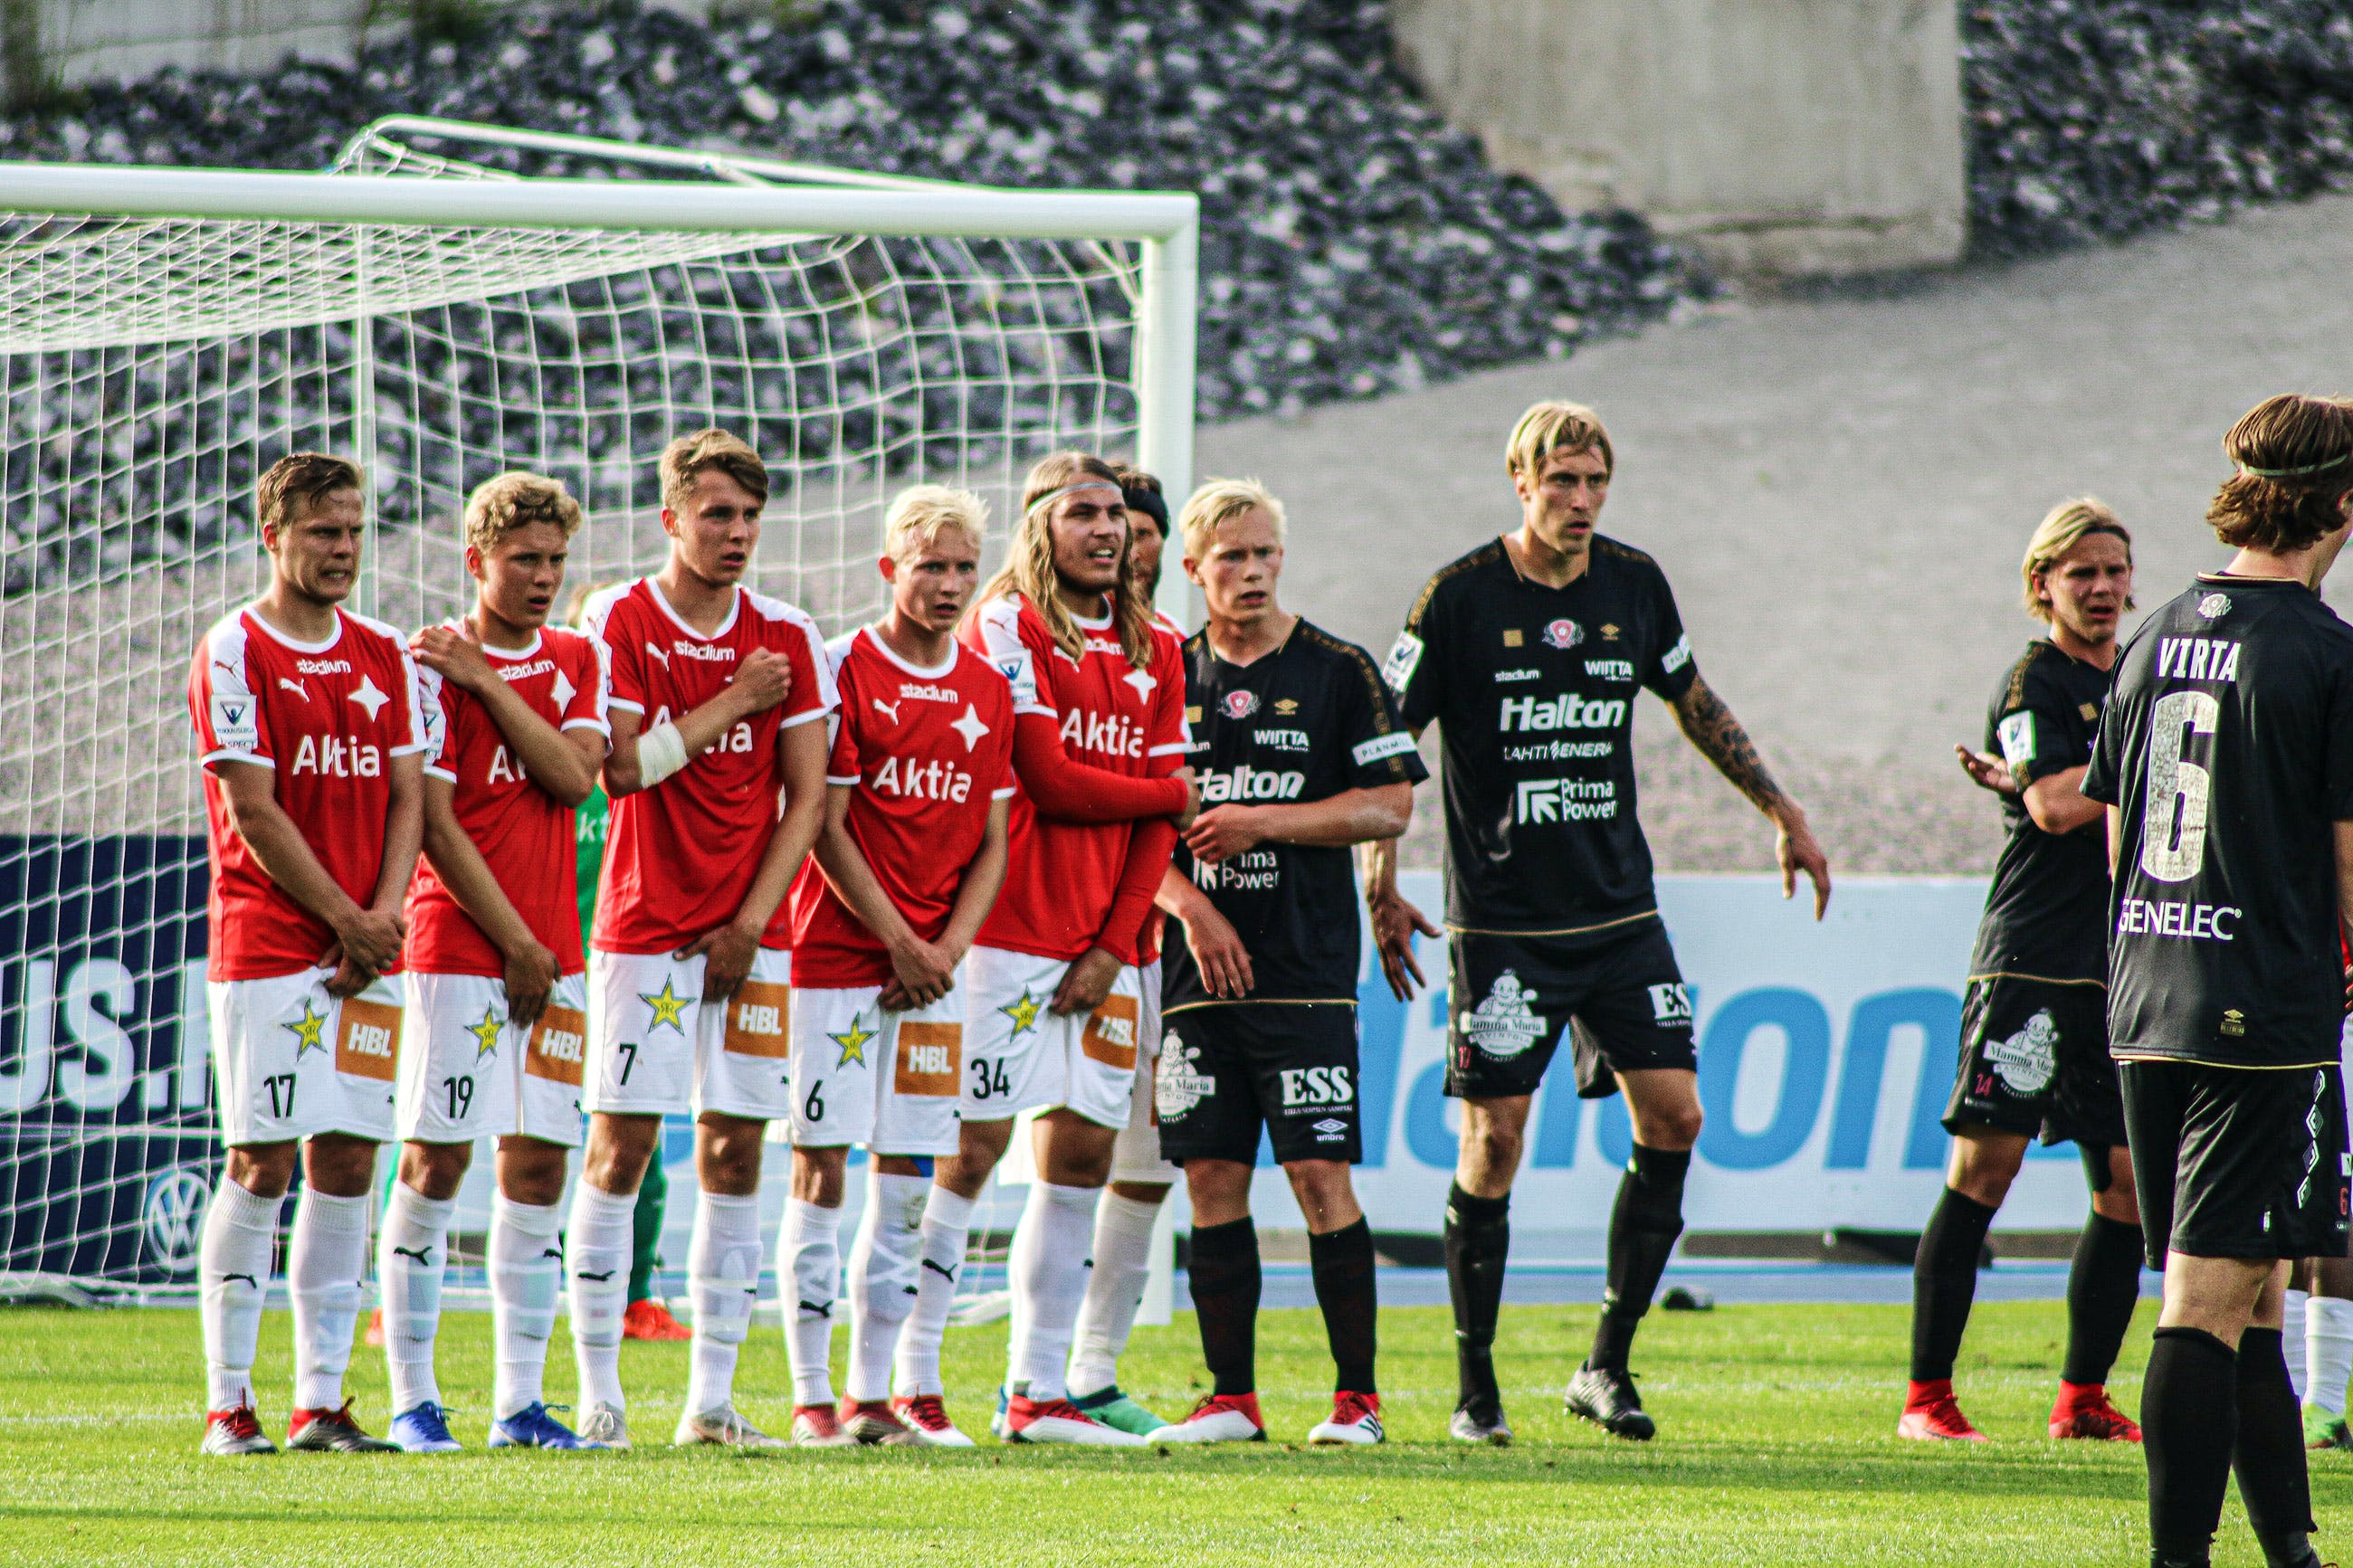 Otteluraportti: HIFK ja FC Lahti maalittomaan tasapeliin